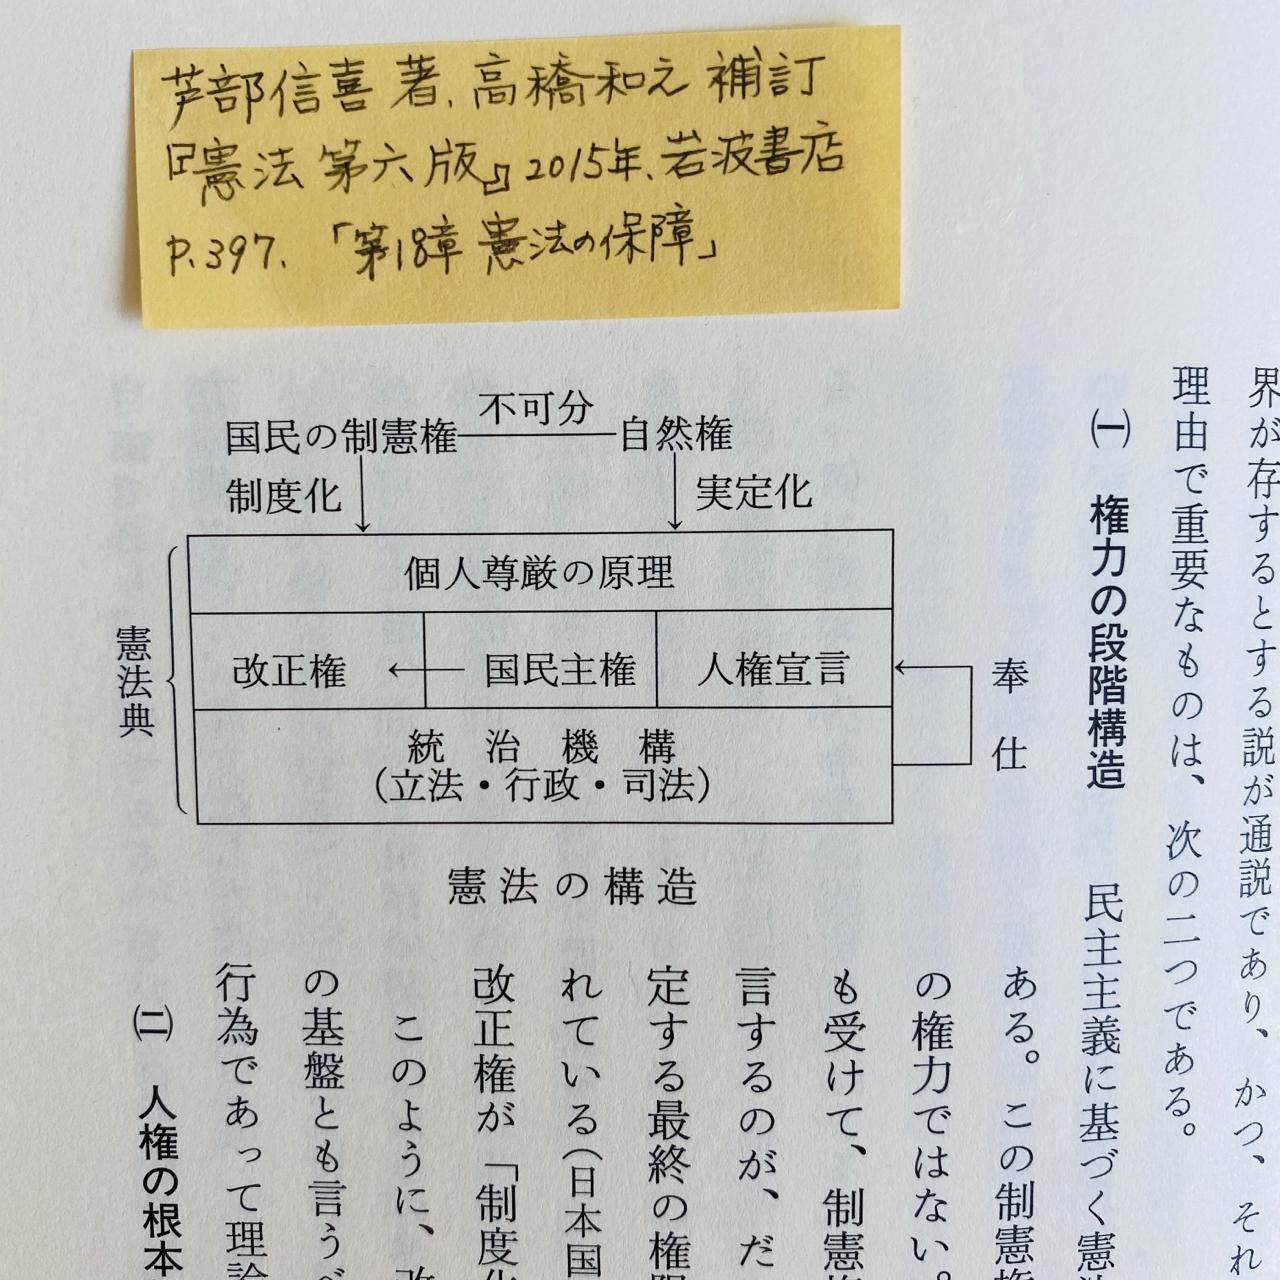 過去」− 記憶と歴史について − 〜 紙徳真理子(かみとく) note